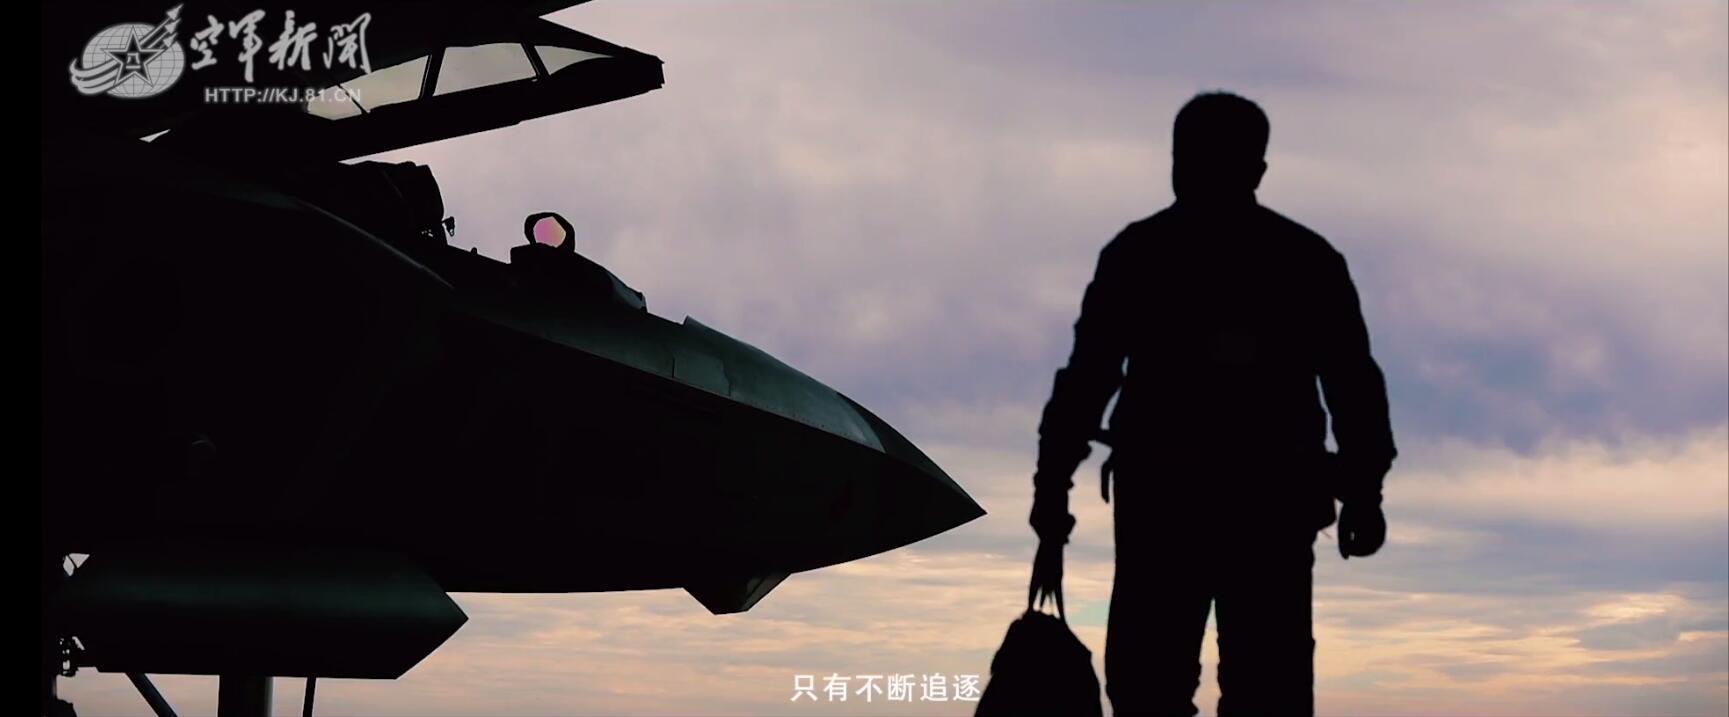 战鹰为祖国守岁!空军震撼宣传片发布 歼20罕见画面曝光